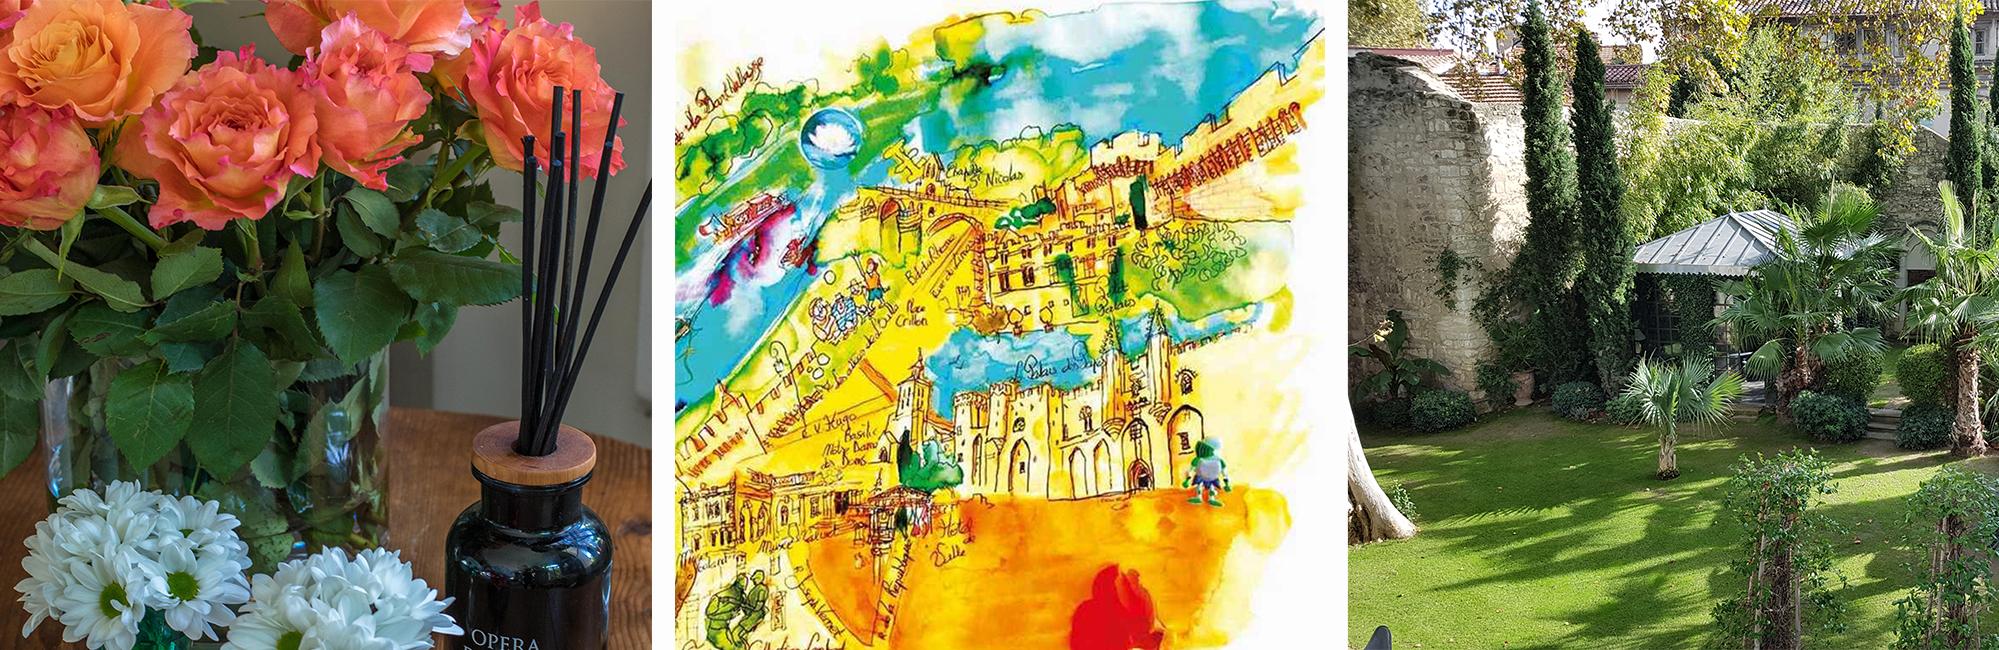 hôtel particulier suites bien-être en Avignon Provence